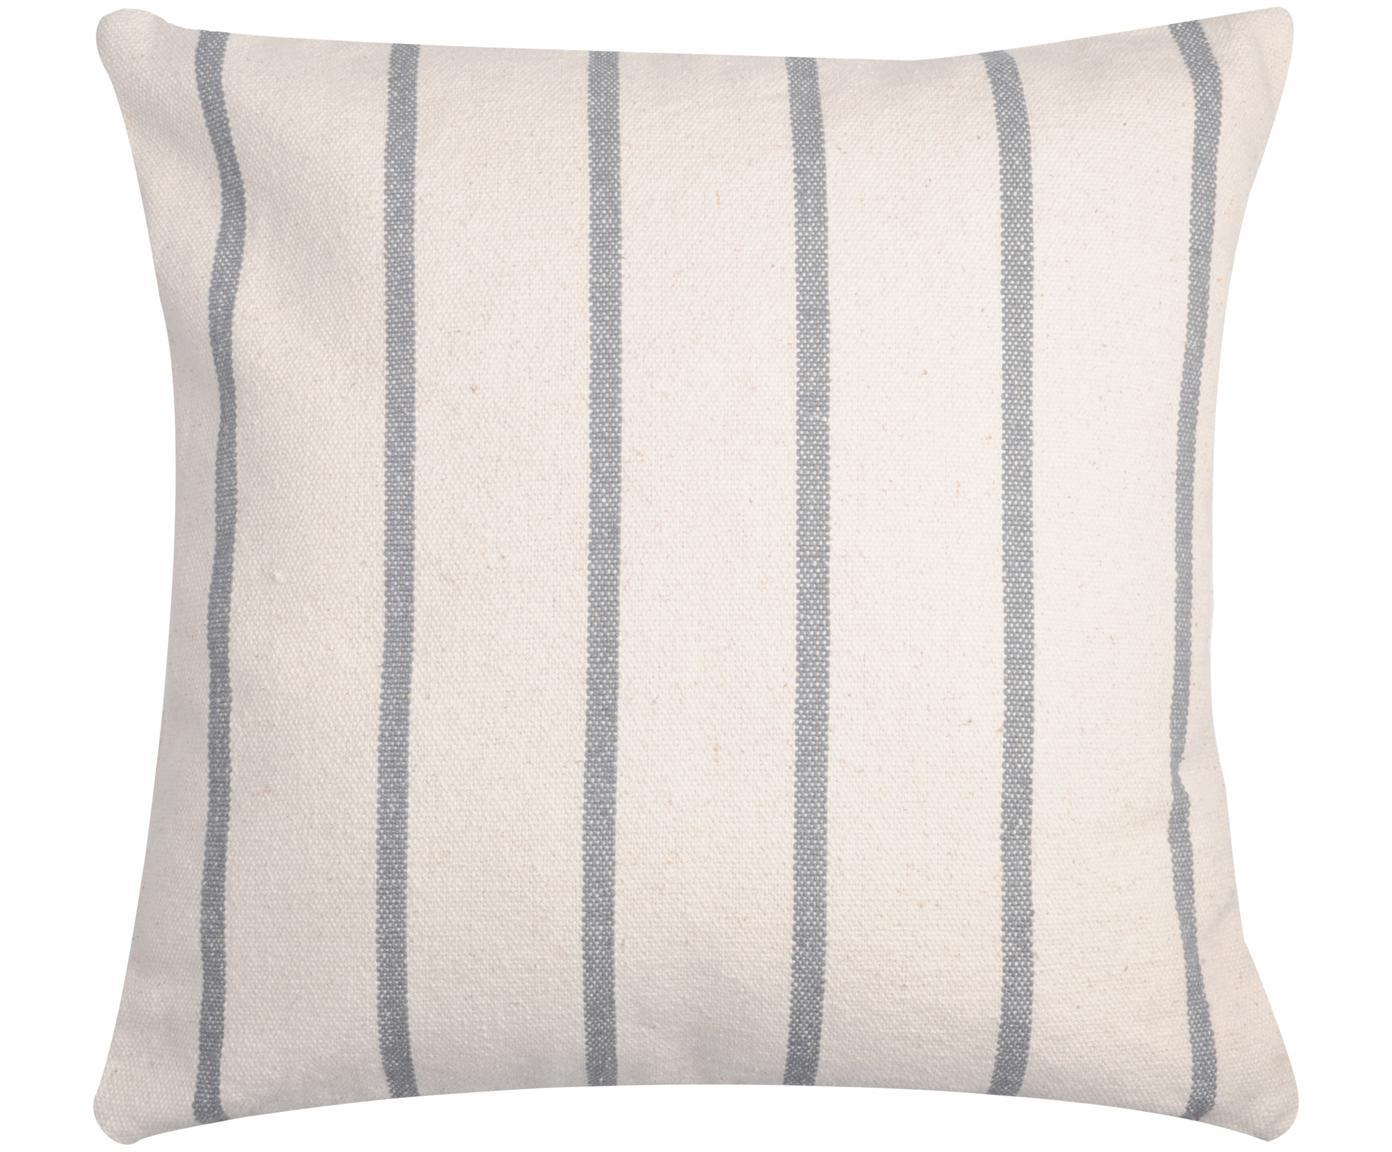 Gestreiftes Kissen Pampelonne, mit Inlett, Bezug: 100% Baumwolle, Anthrazit, Gebrochenes Weiß, 50 x 50 cm